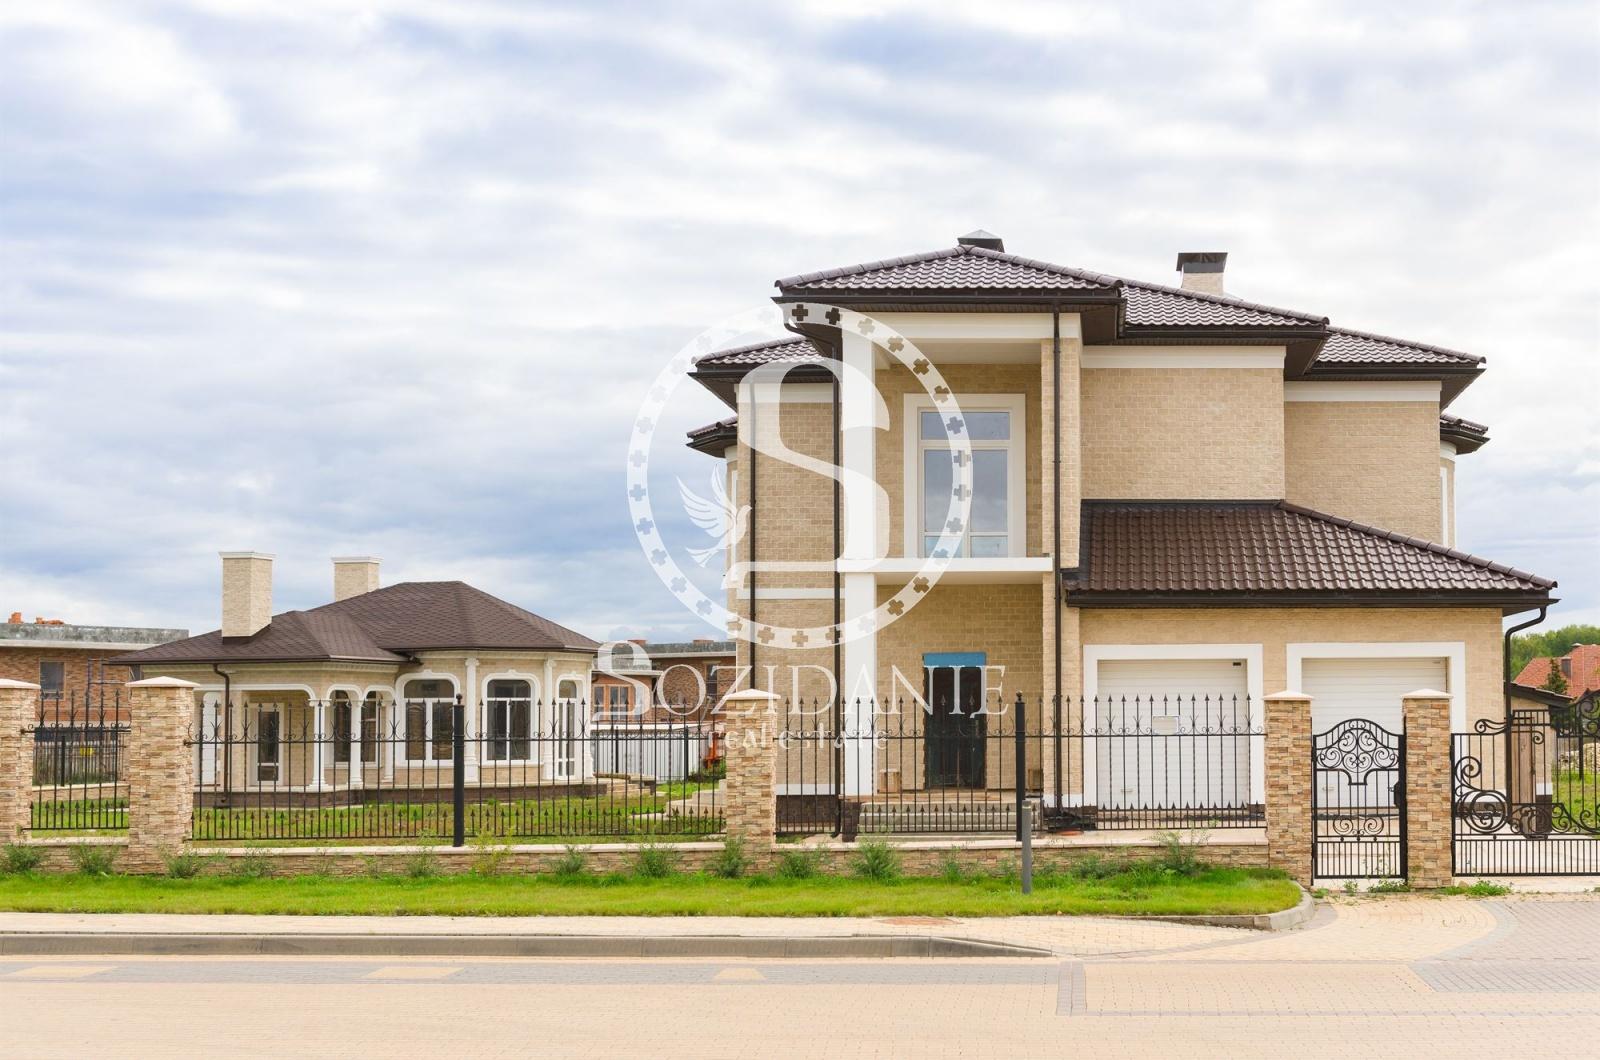 5 Bedrooms, Загородная, Продажа, Listing ID 1508, Московская область, Россия,